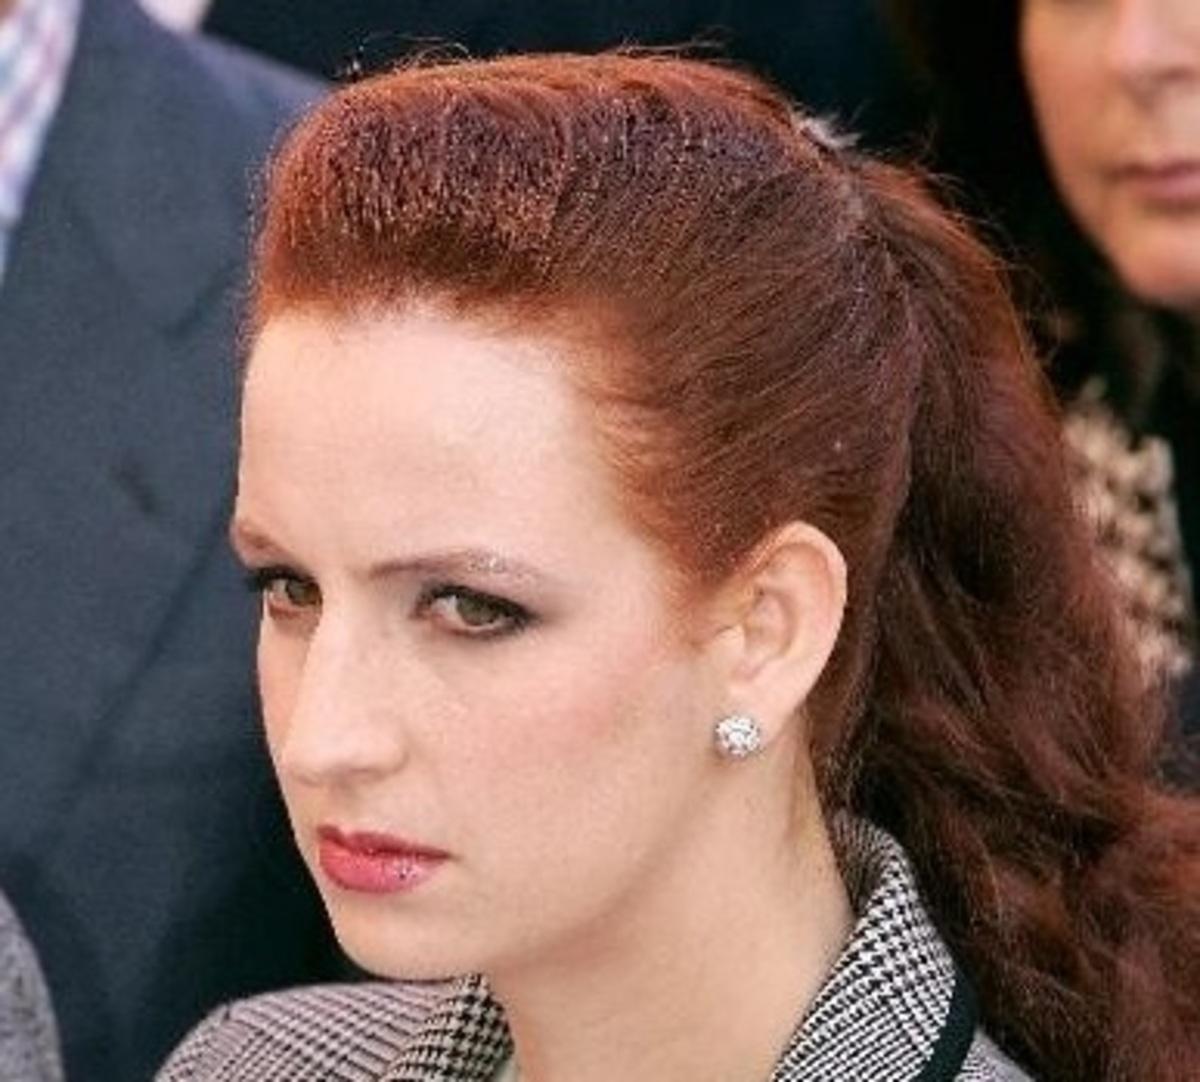 Ηλεία: Η πανέμορφη πριγκίπισσα του Μαρόκου και πάλι στην Ελλάδα, για διακοπές! | Newsit.gr